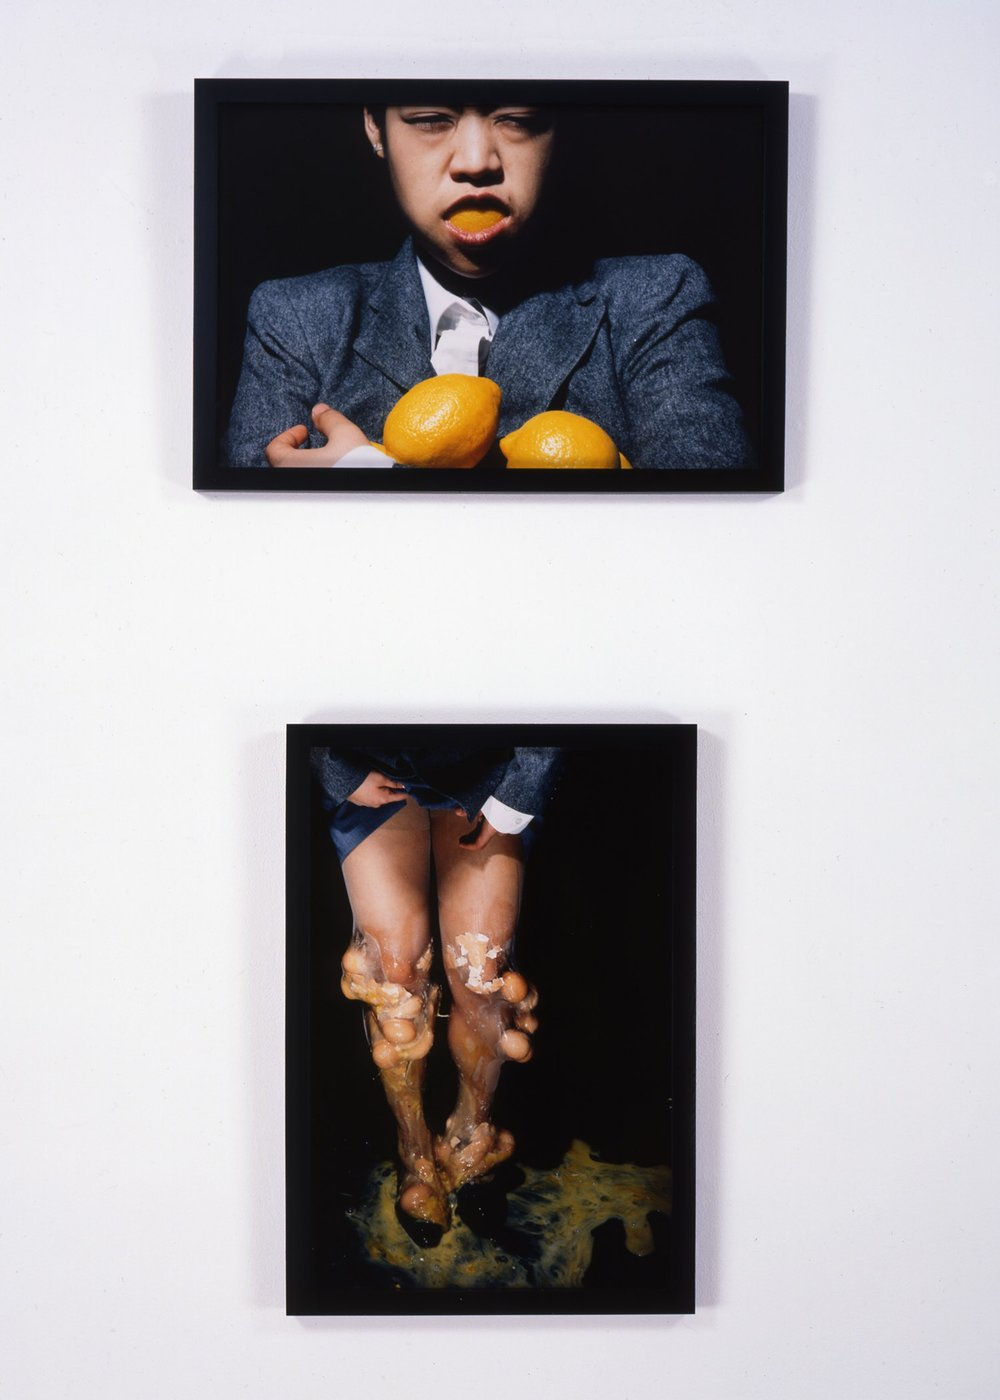 Chang.lemons.leggs_print.jpg